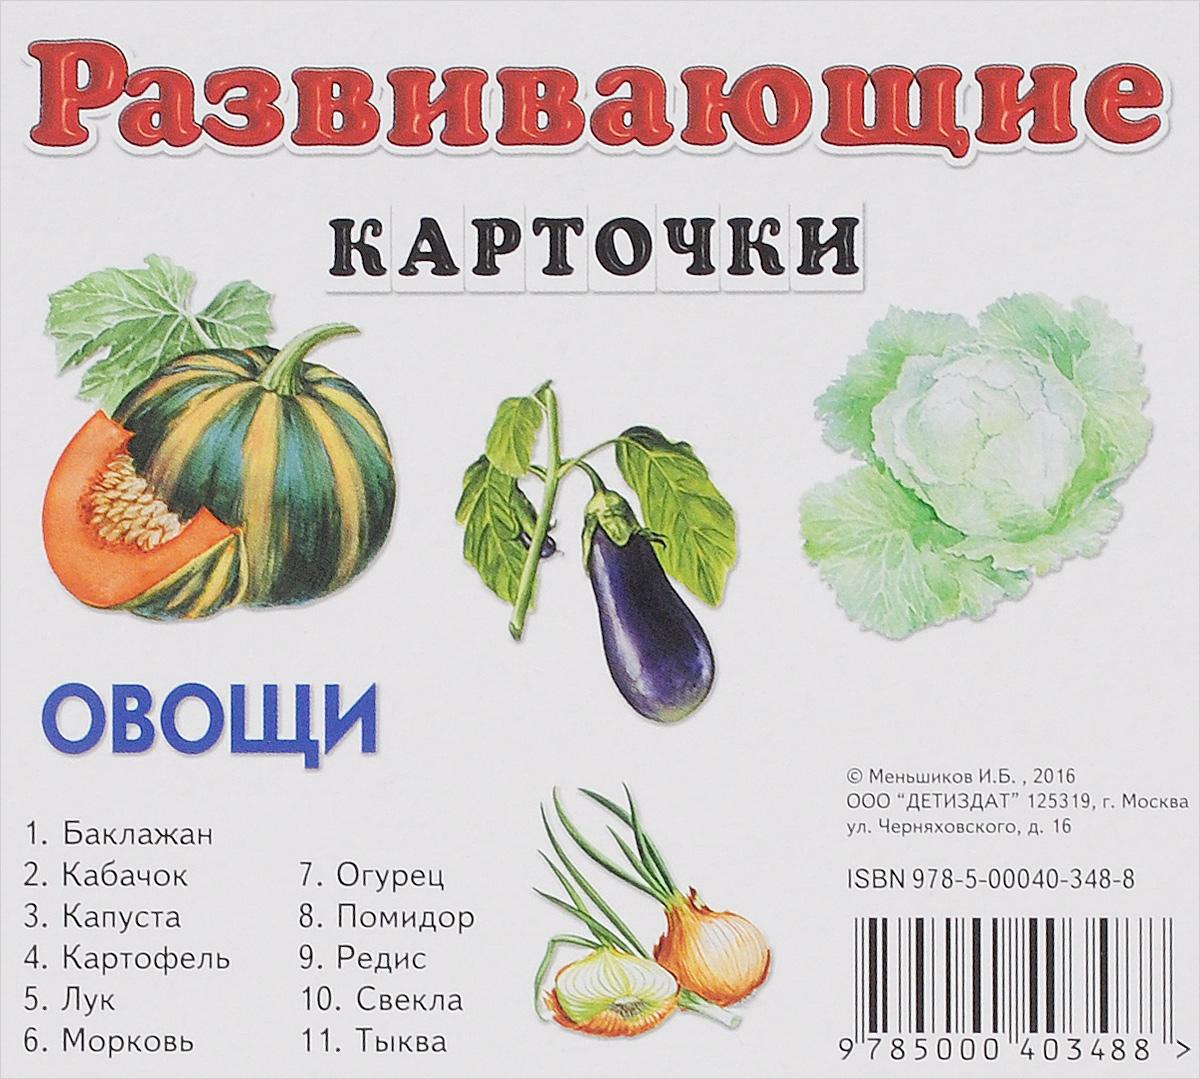 Овощи. Развивающие карточки (набор из 11 карточек)